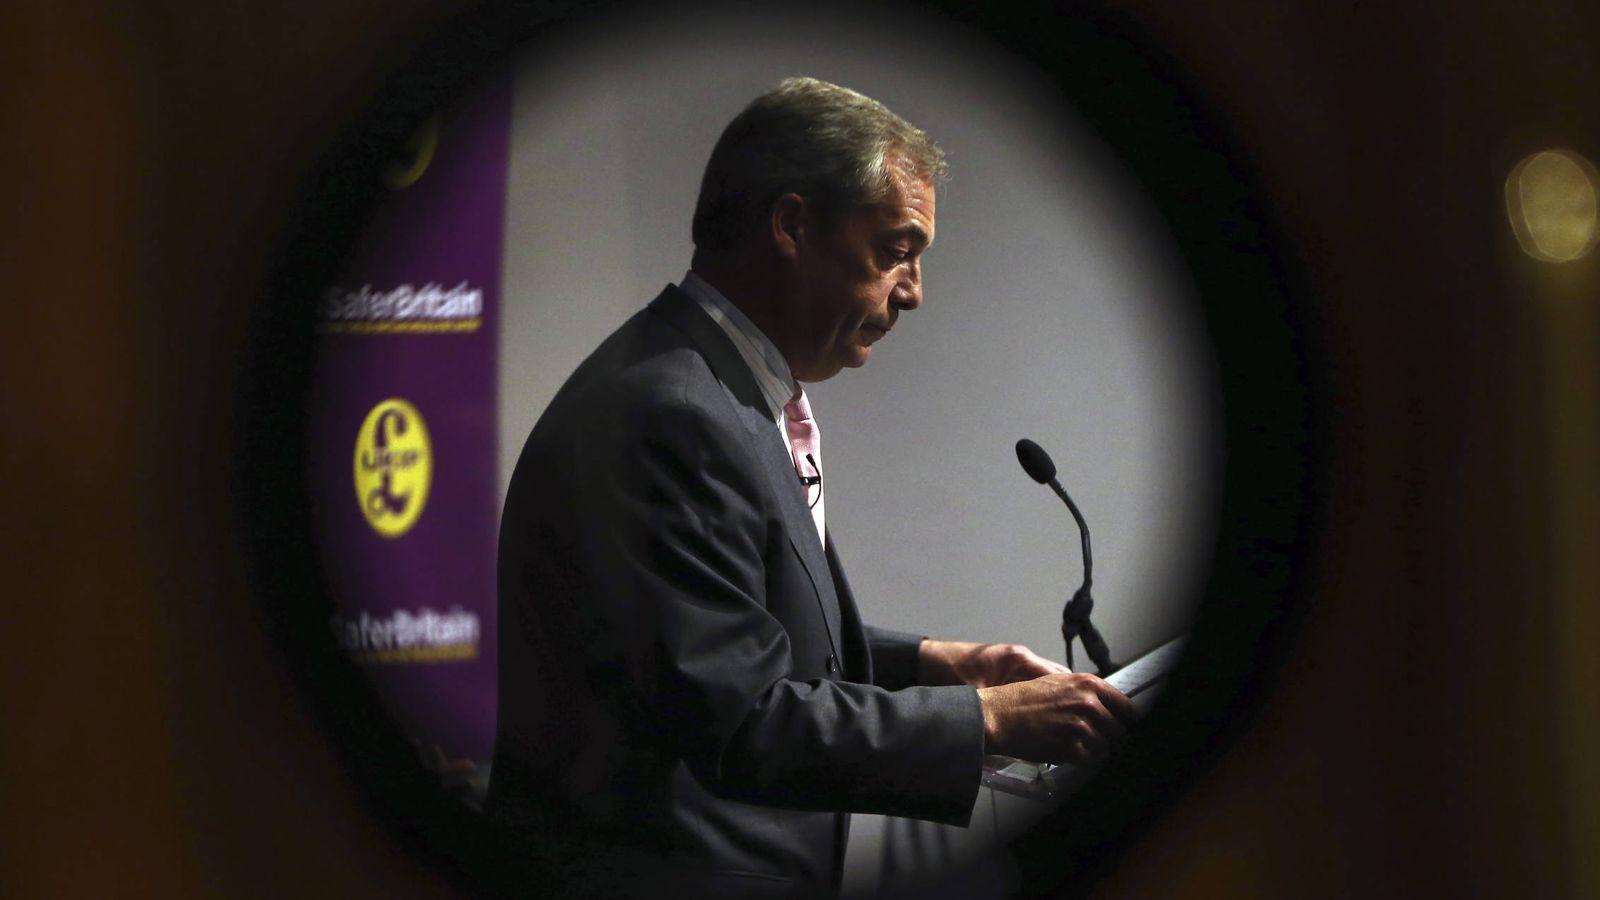 Foto: El líder del UKIP Nigel Farage habla durante un evento a favor del Brexit, en Londres, el 3 de junio de 2016 (Reuters).